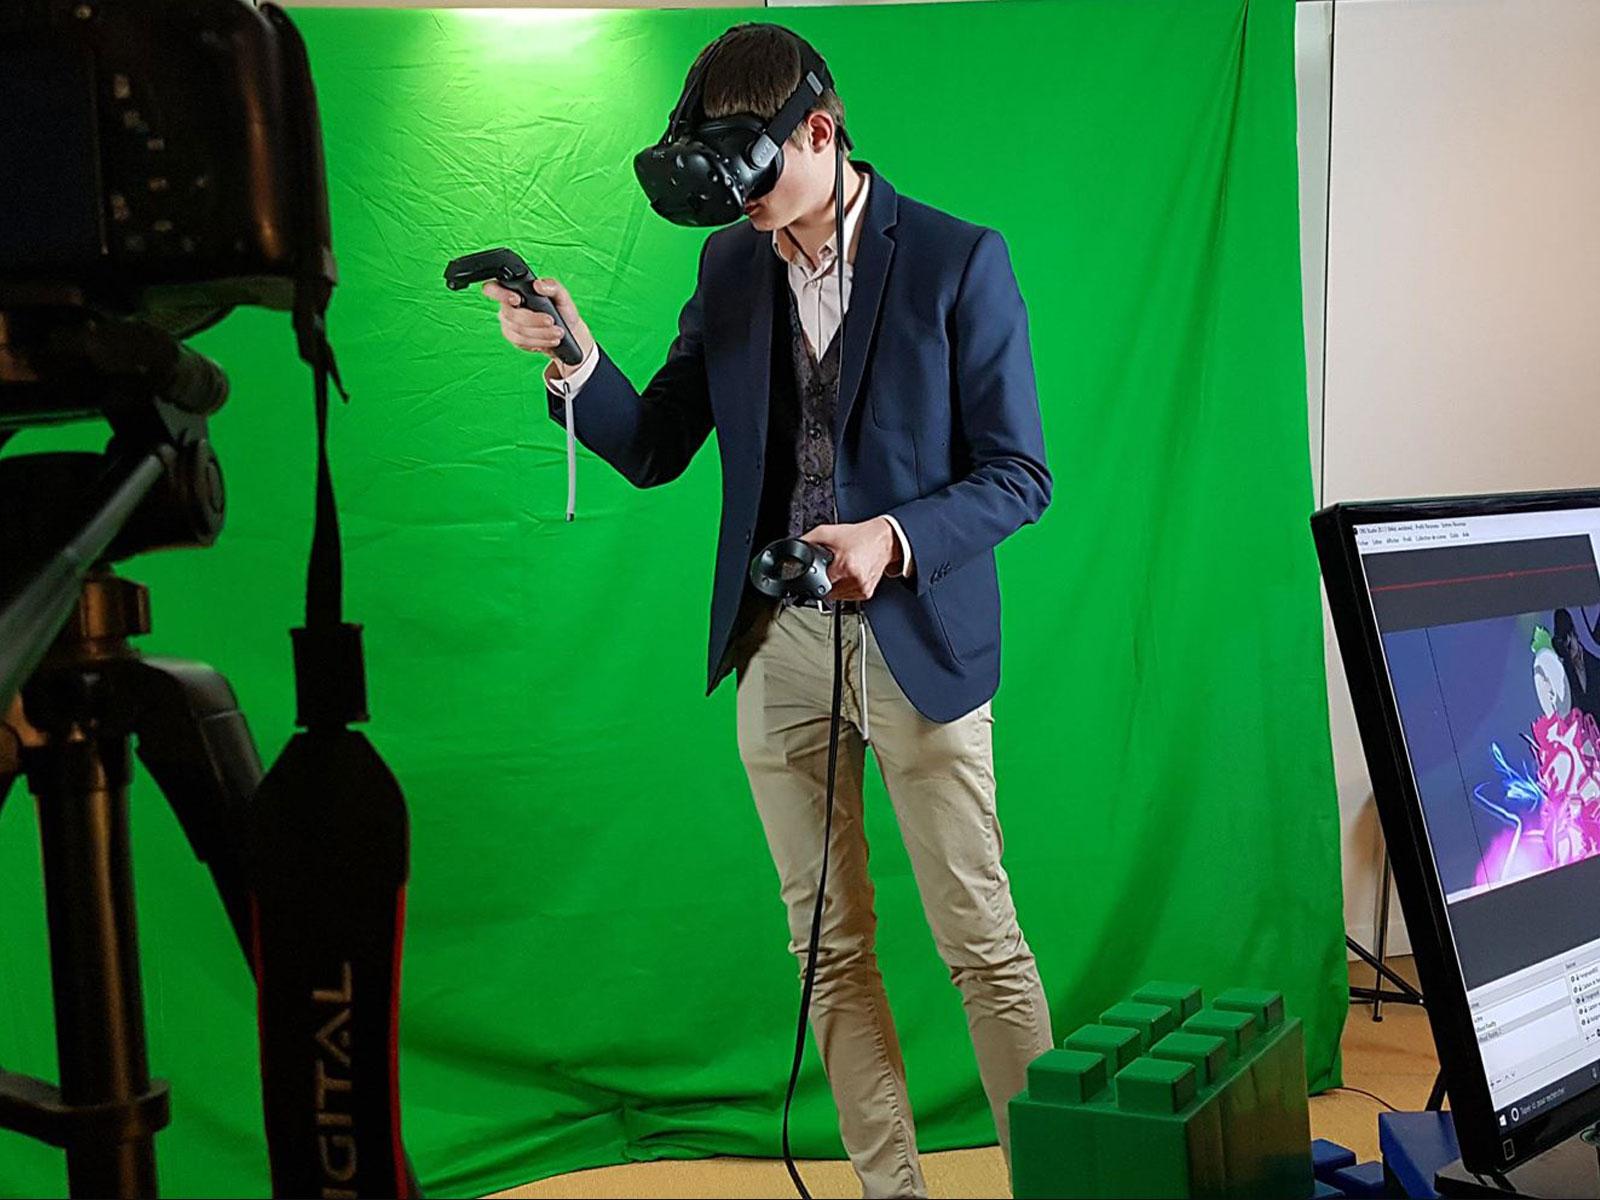 Mixed réalité dessin virtuelle